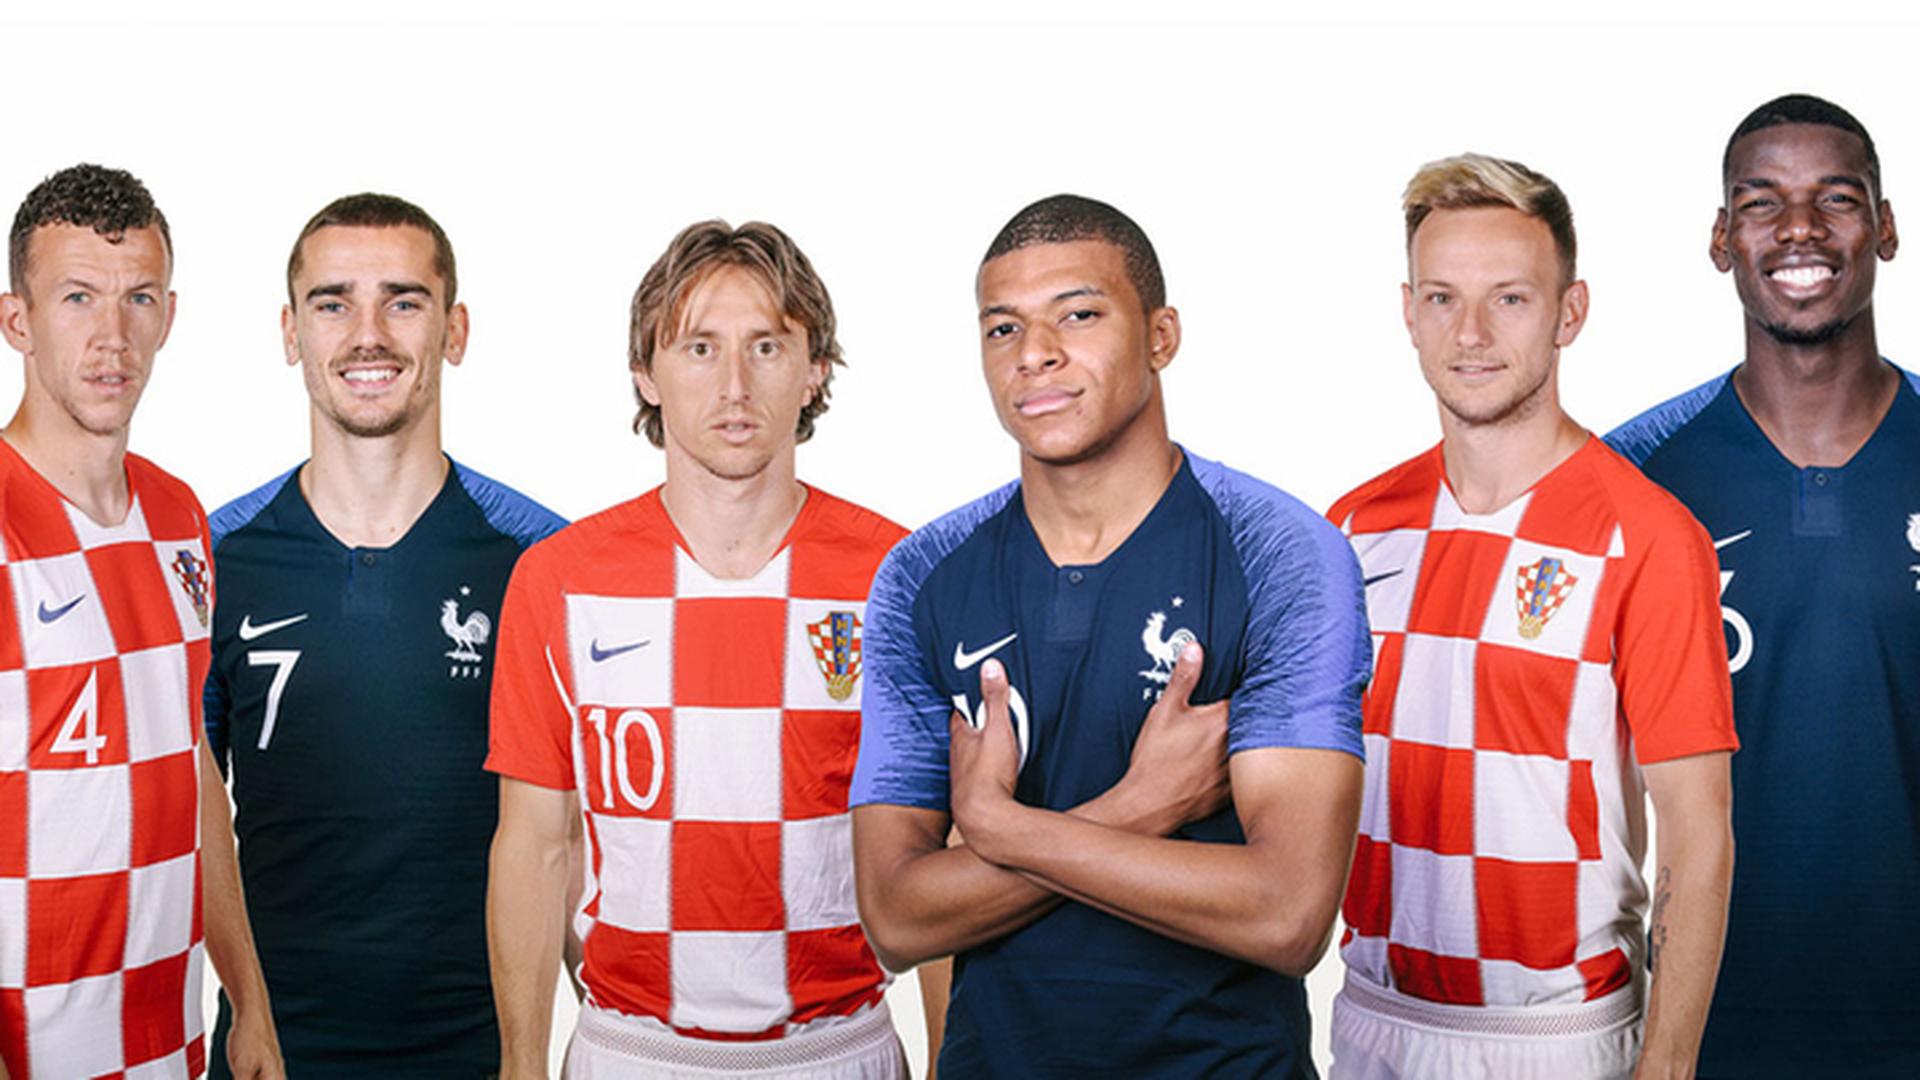 Руководителя МВД Франции иХорватии поспорили, чья сборная победит наЧМ